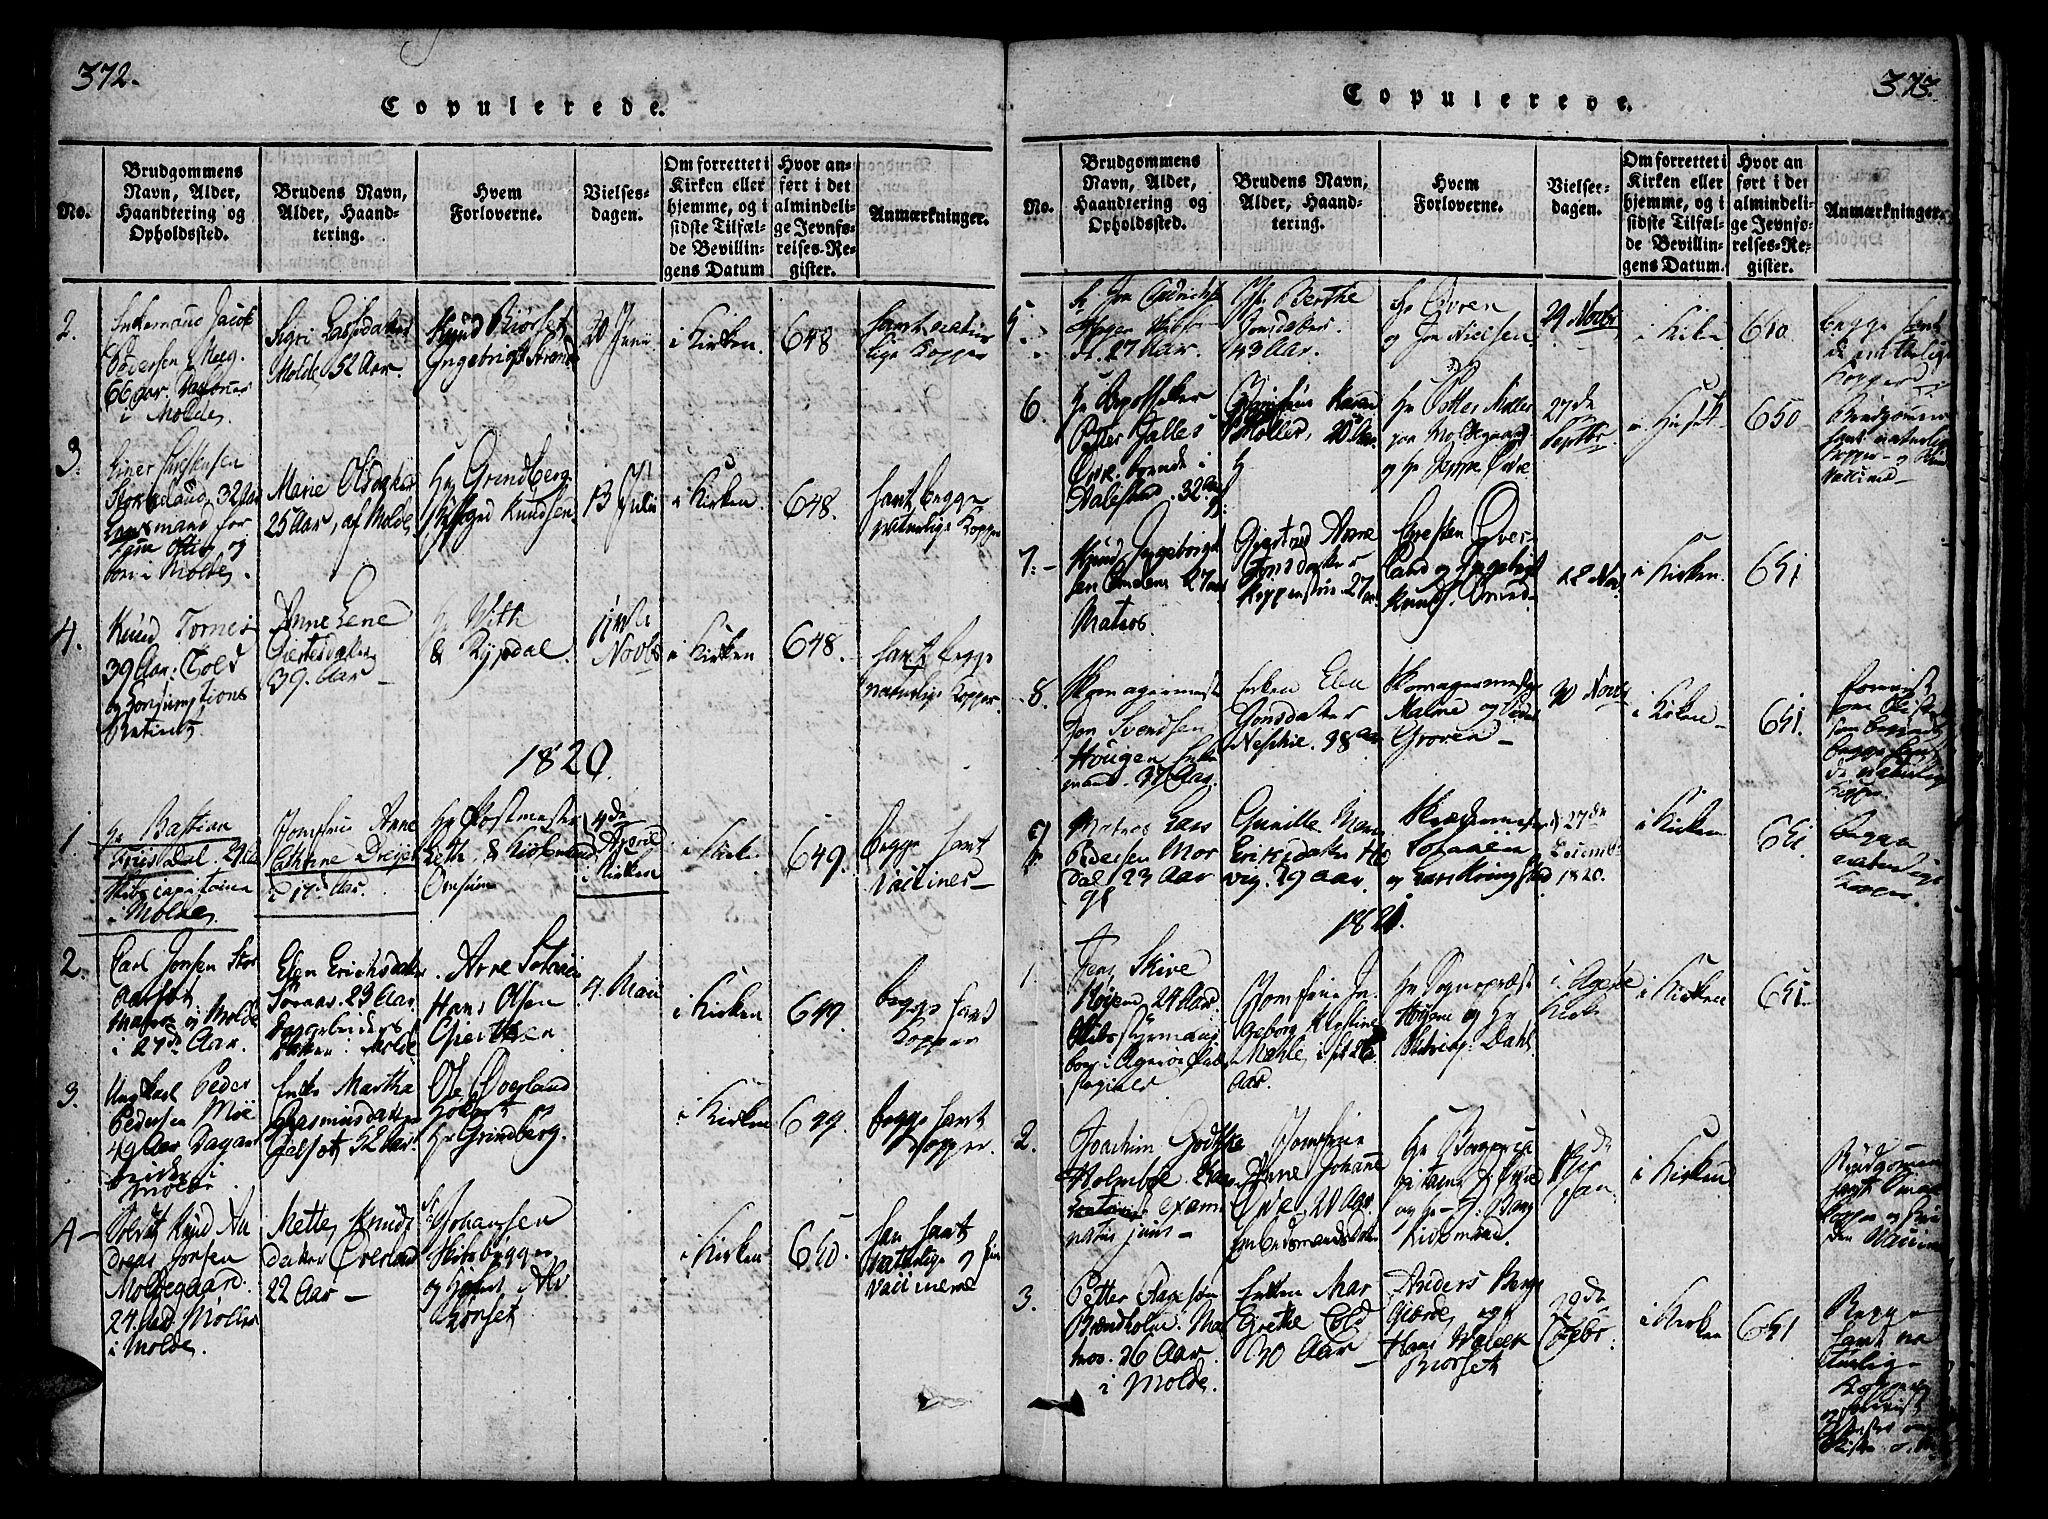 SAT, Ministerialprotokoller, klokkerbøker og fødselsregistre - Møre og Romsdal, 558/L0688: Ministerialbok nr. 558A02, 1818-1843, s. 372-373